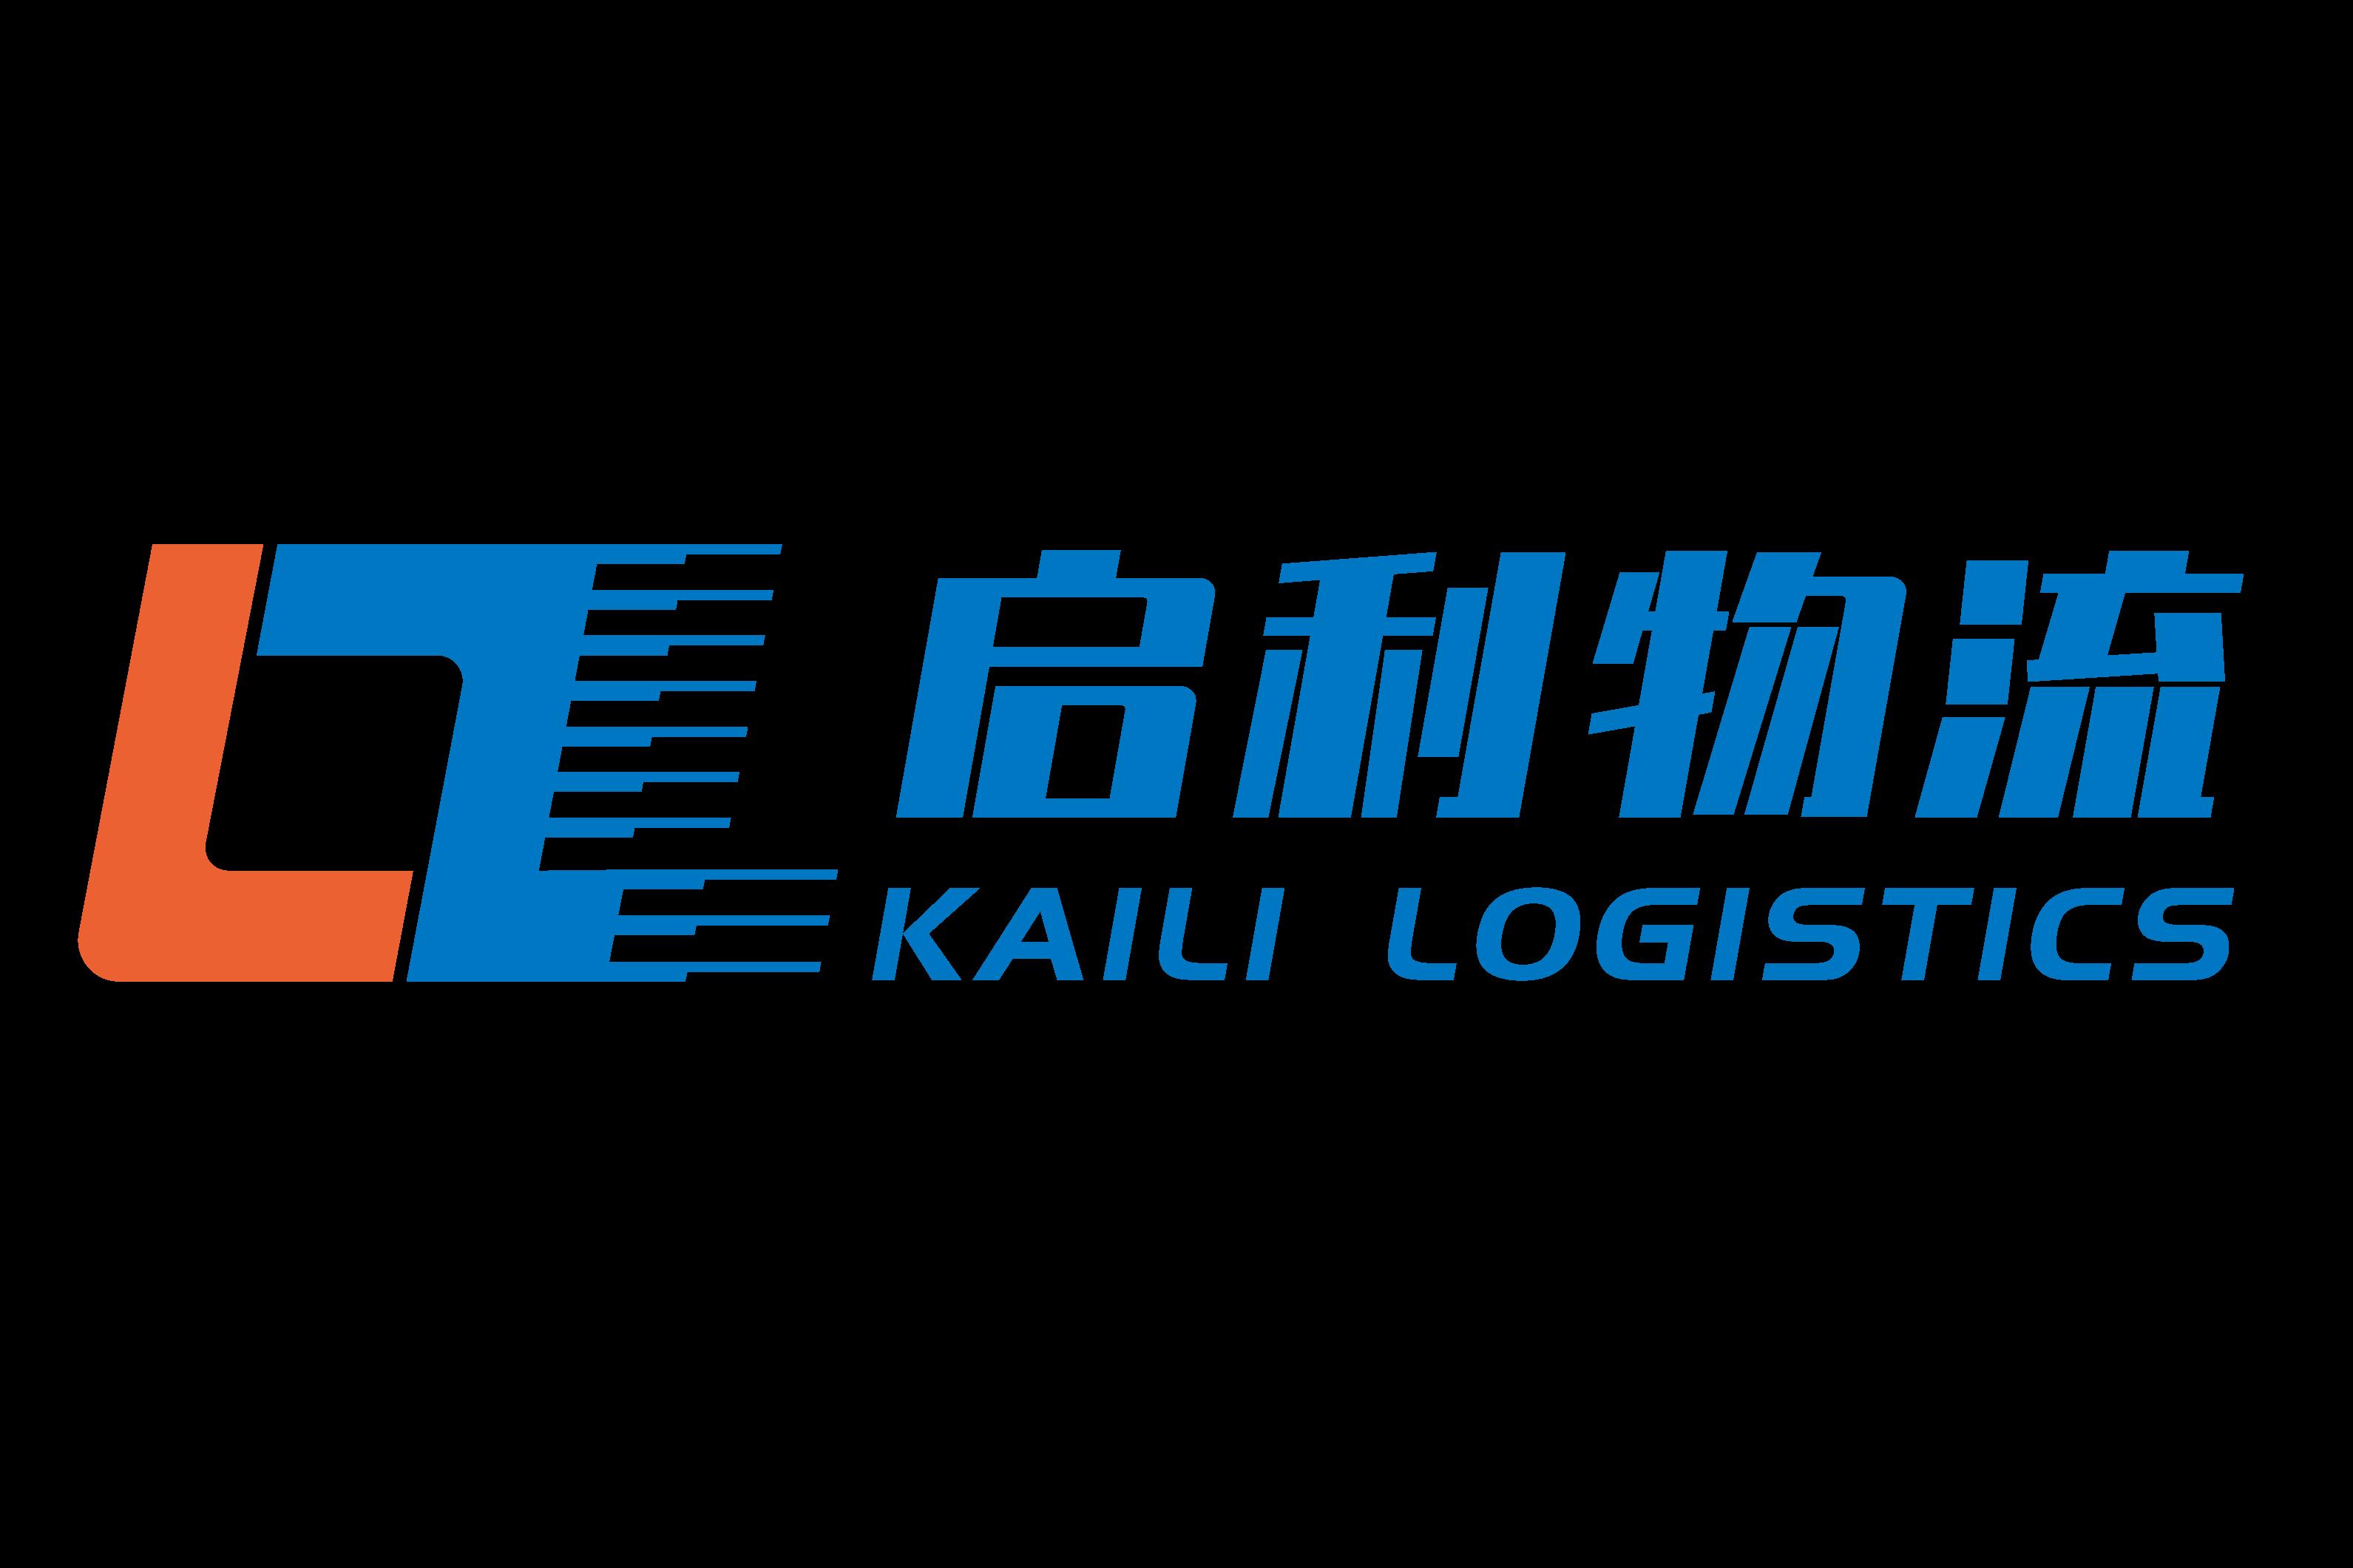 启利科技物流(深圳)有限公司